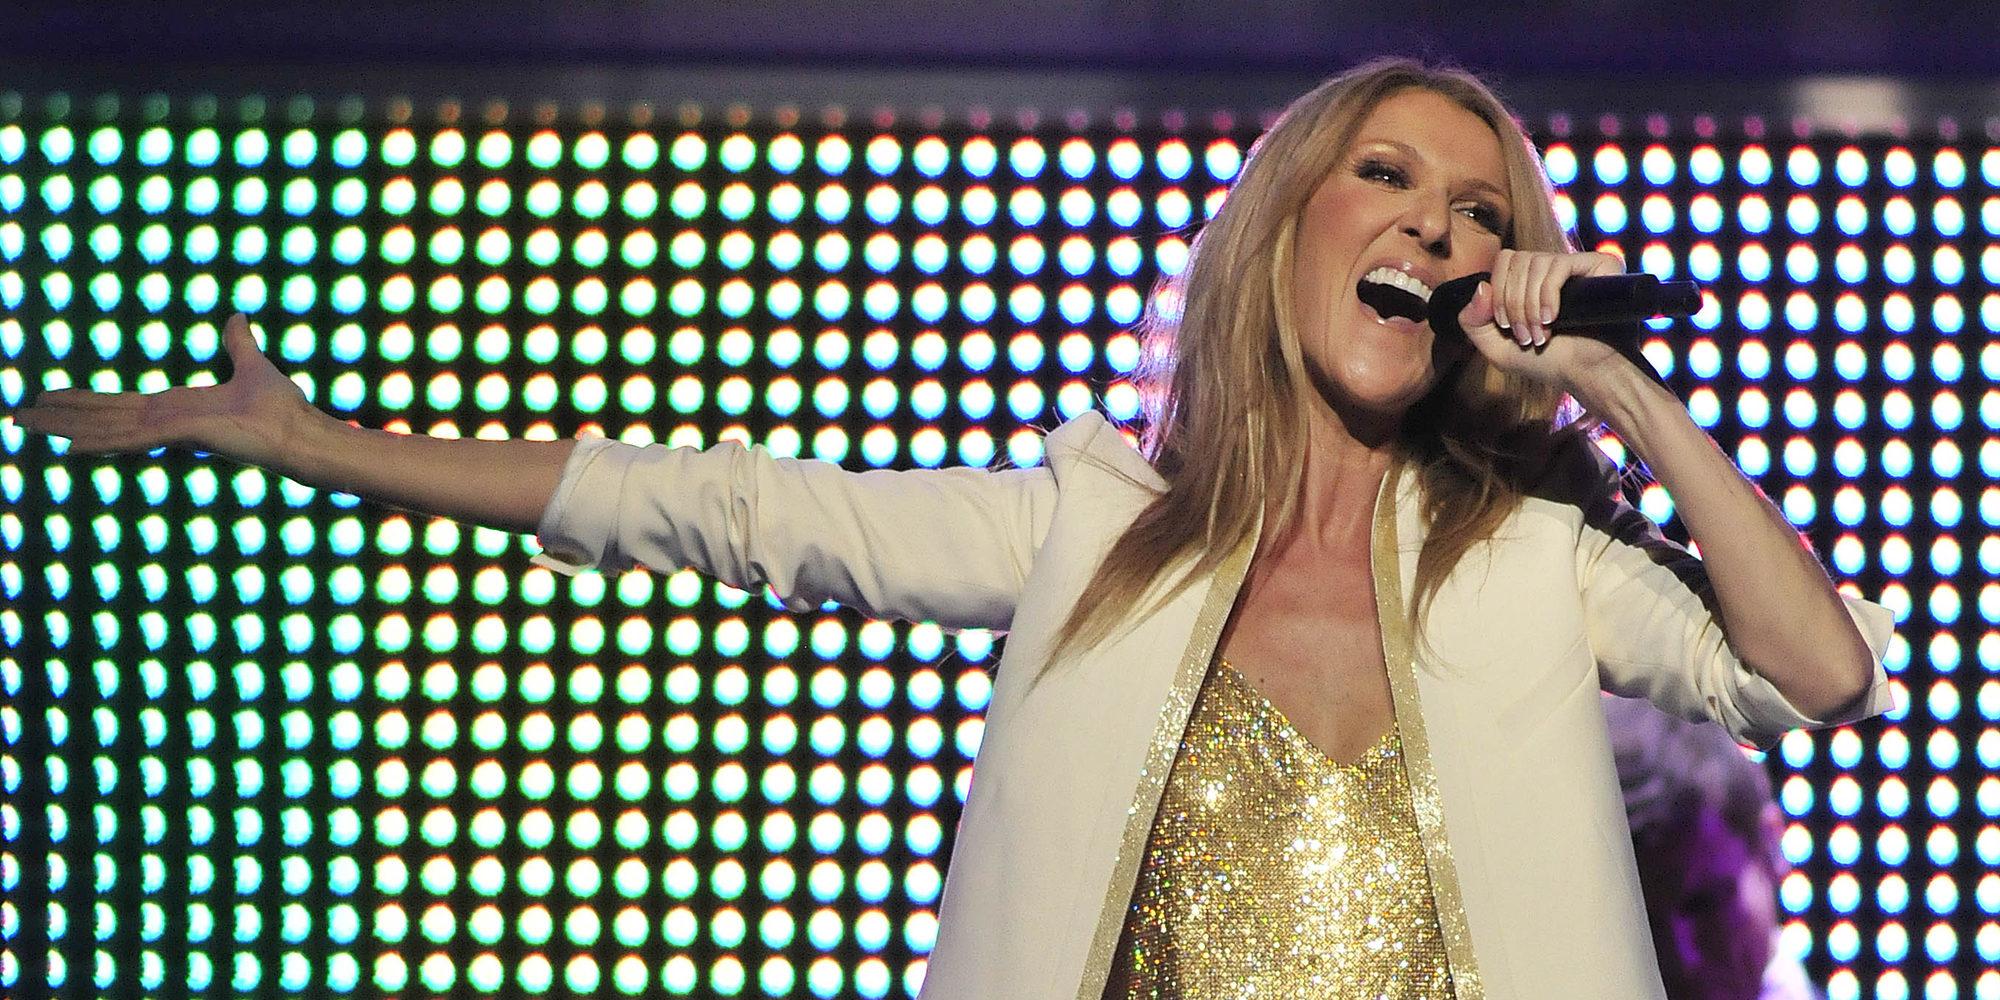 Céline Dion rinde homenaje a las víctimas del atentado de Manchester durante su concierto en Las Vegas